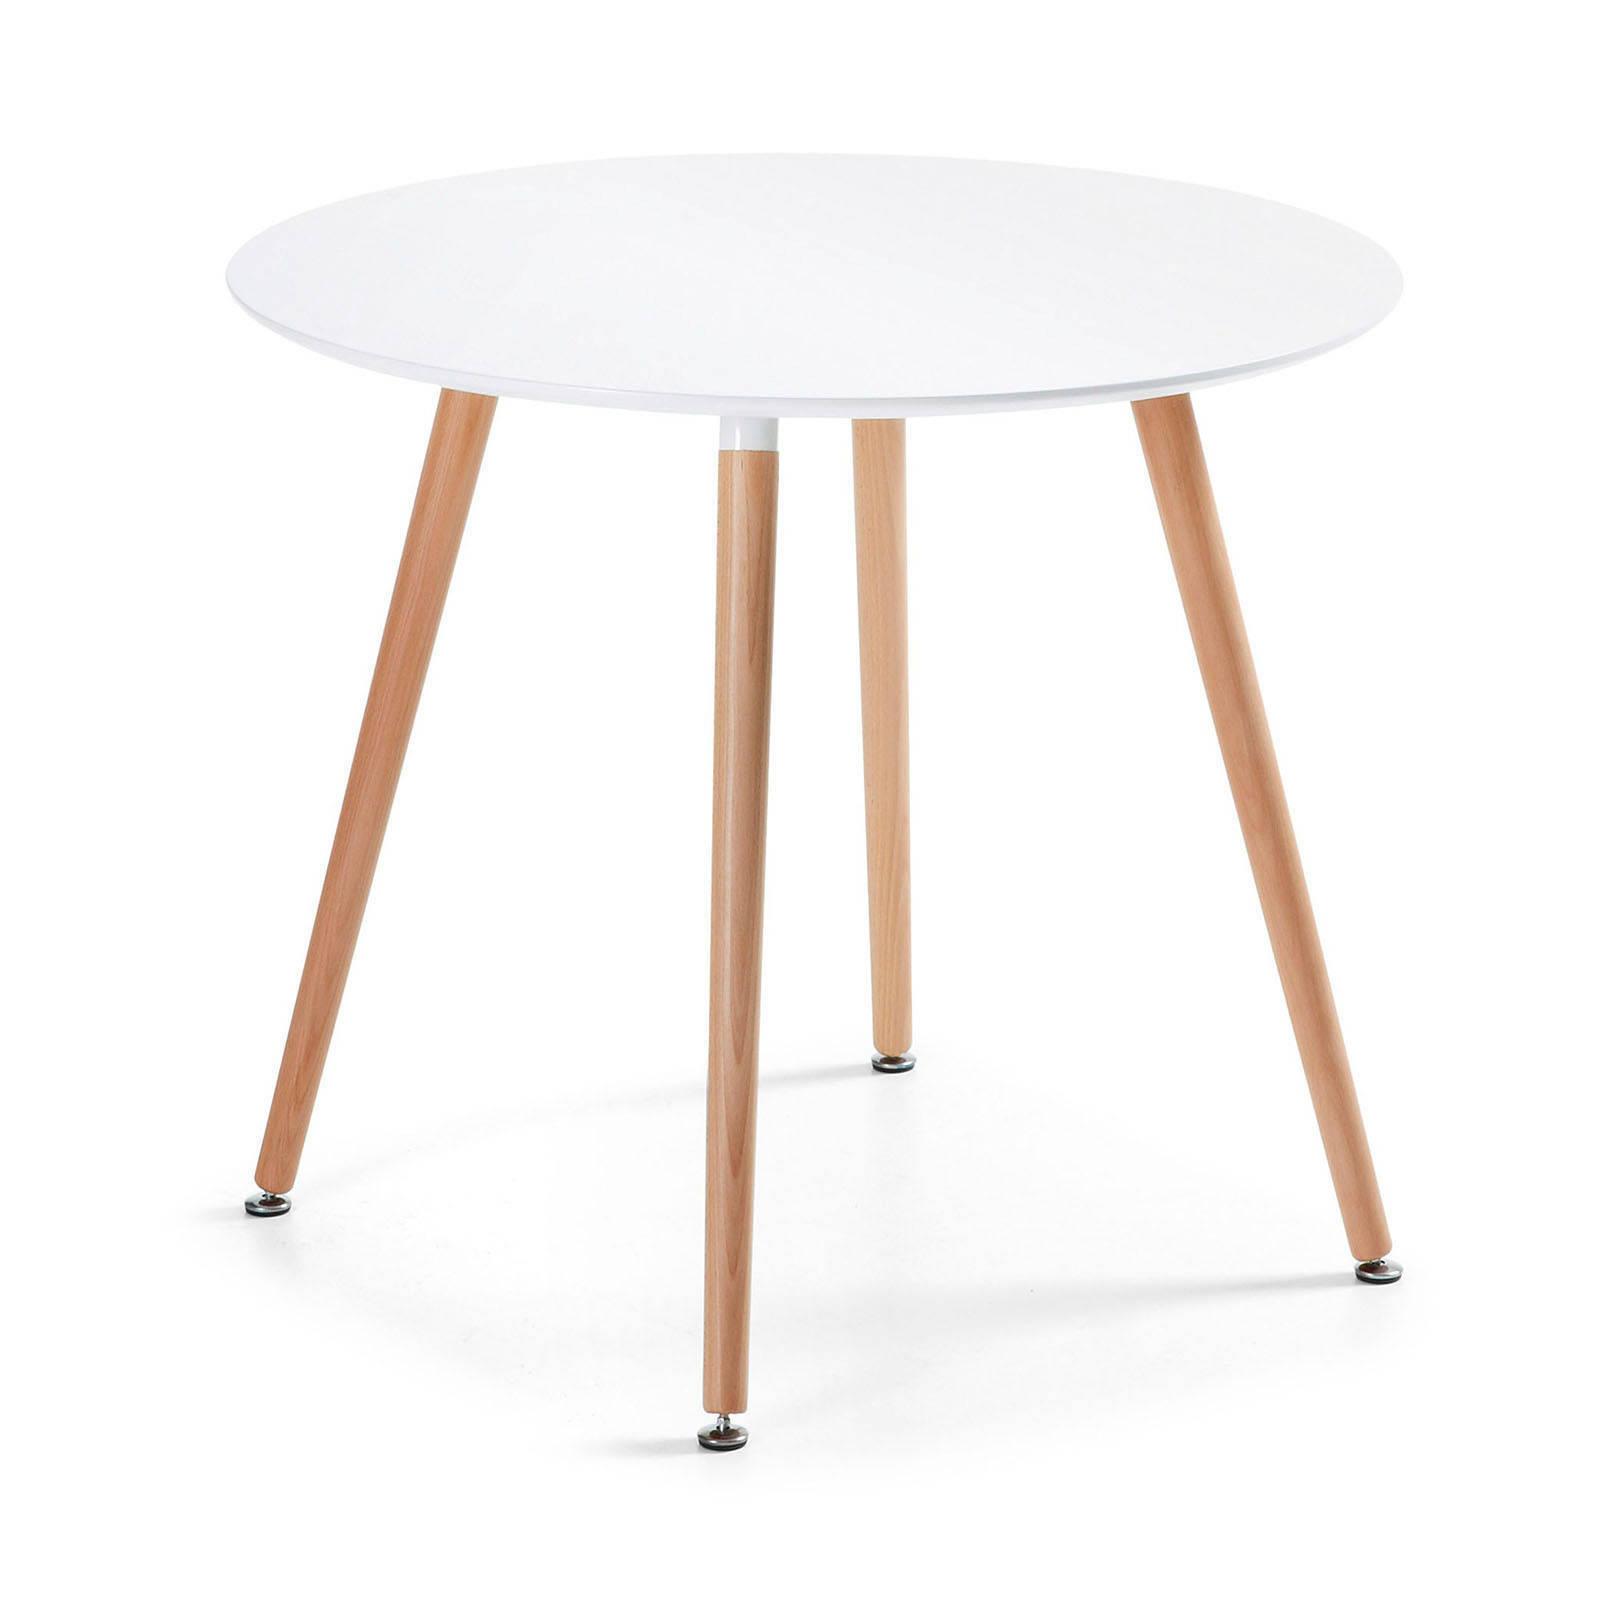 Witte Eettafel 180x90.Eettafels Bij Wehkamp Gratis Bezorging Vanaf 20